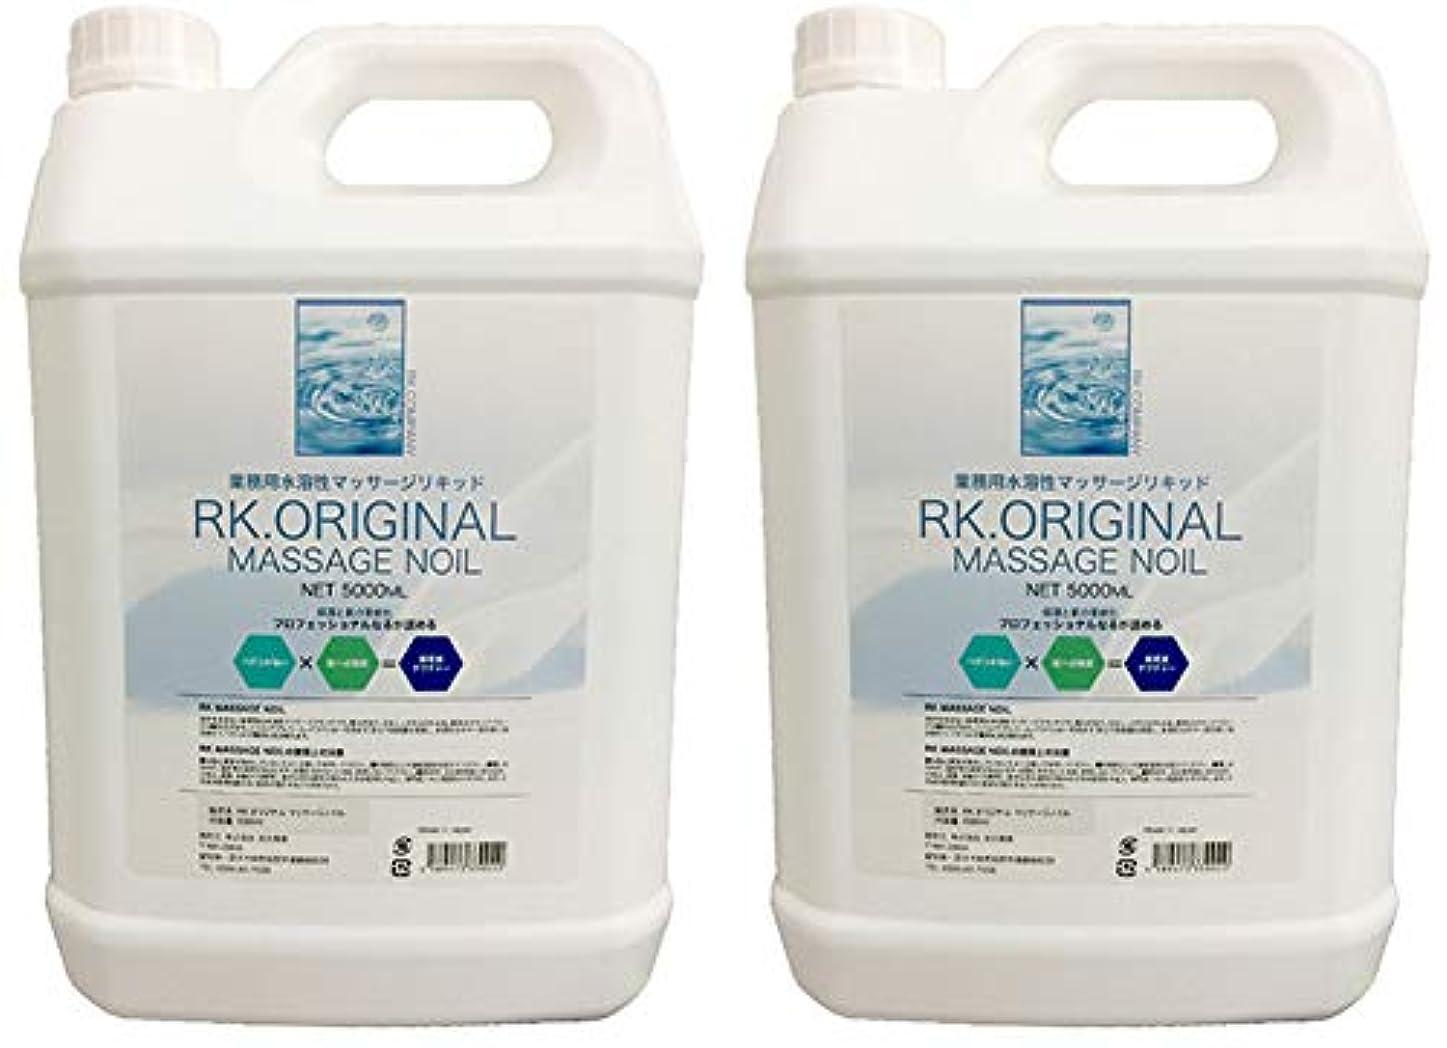 量で不平を言うかわいらしいRK.ORIGINAL マッサージオイル 業務用 国産 水溶性 マッサージリキッド 5L (2個セット) エステ店御用達